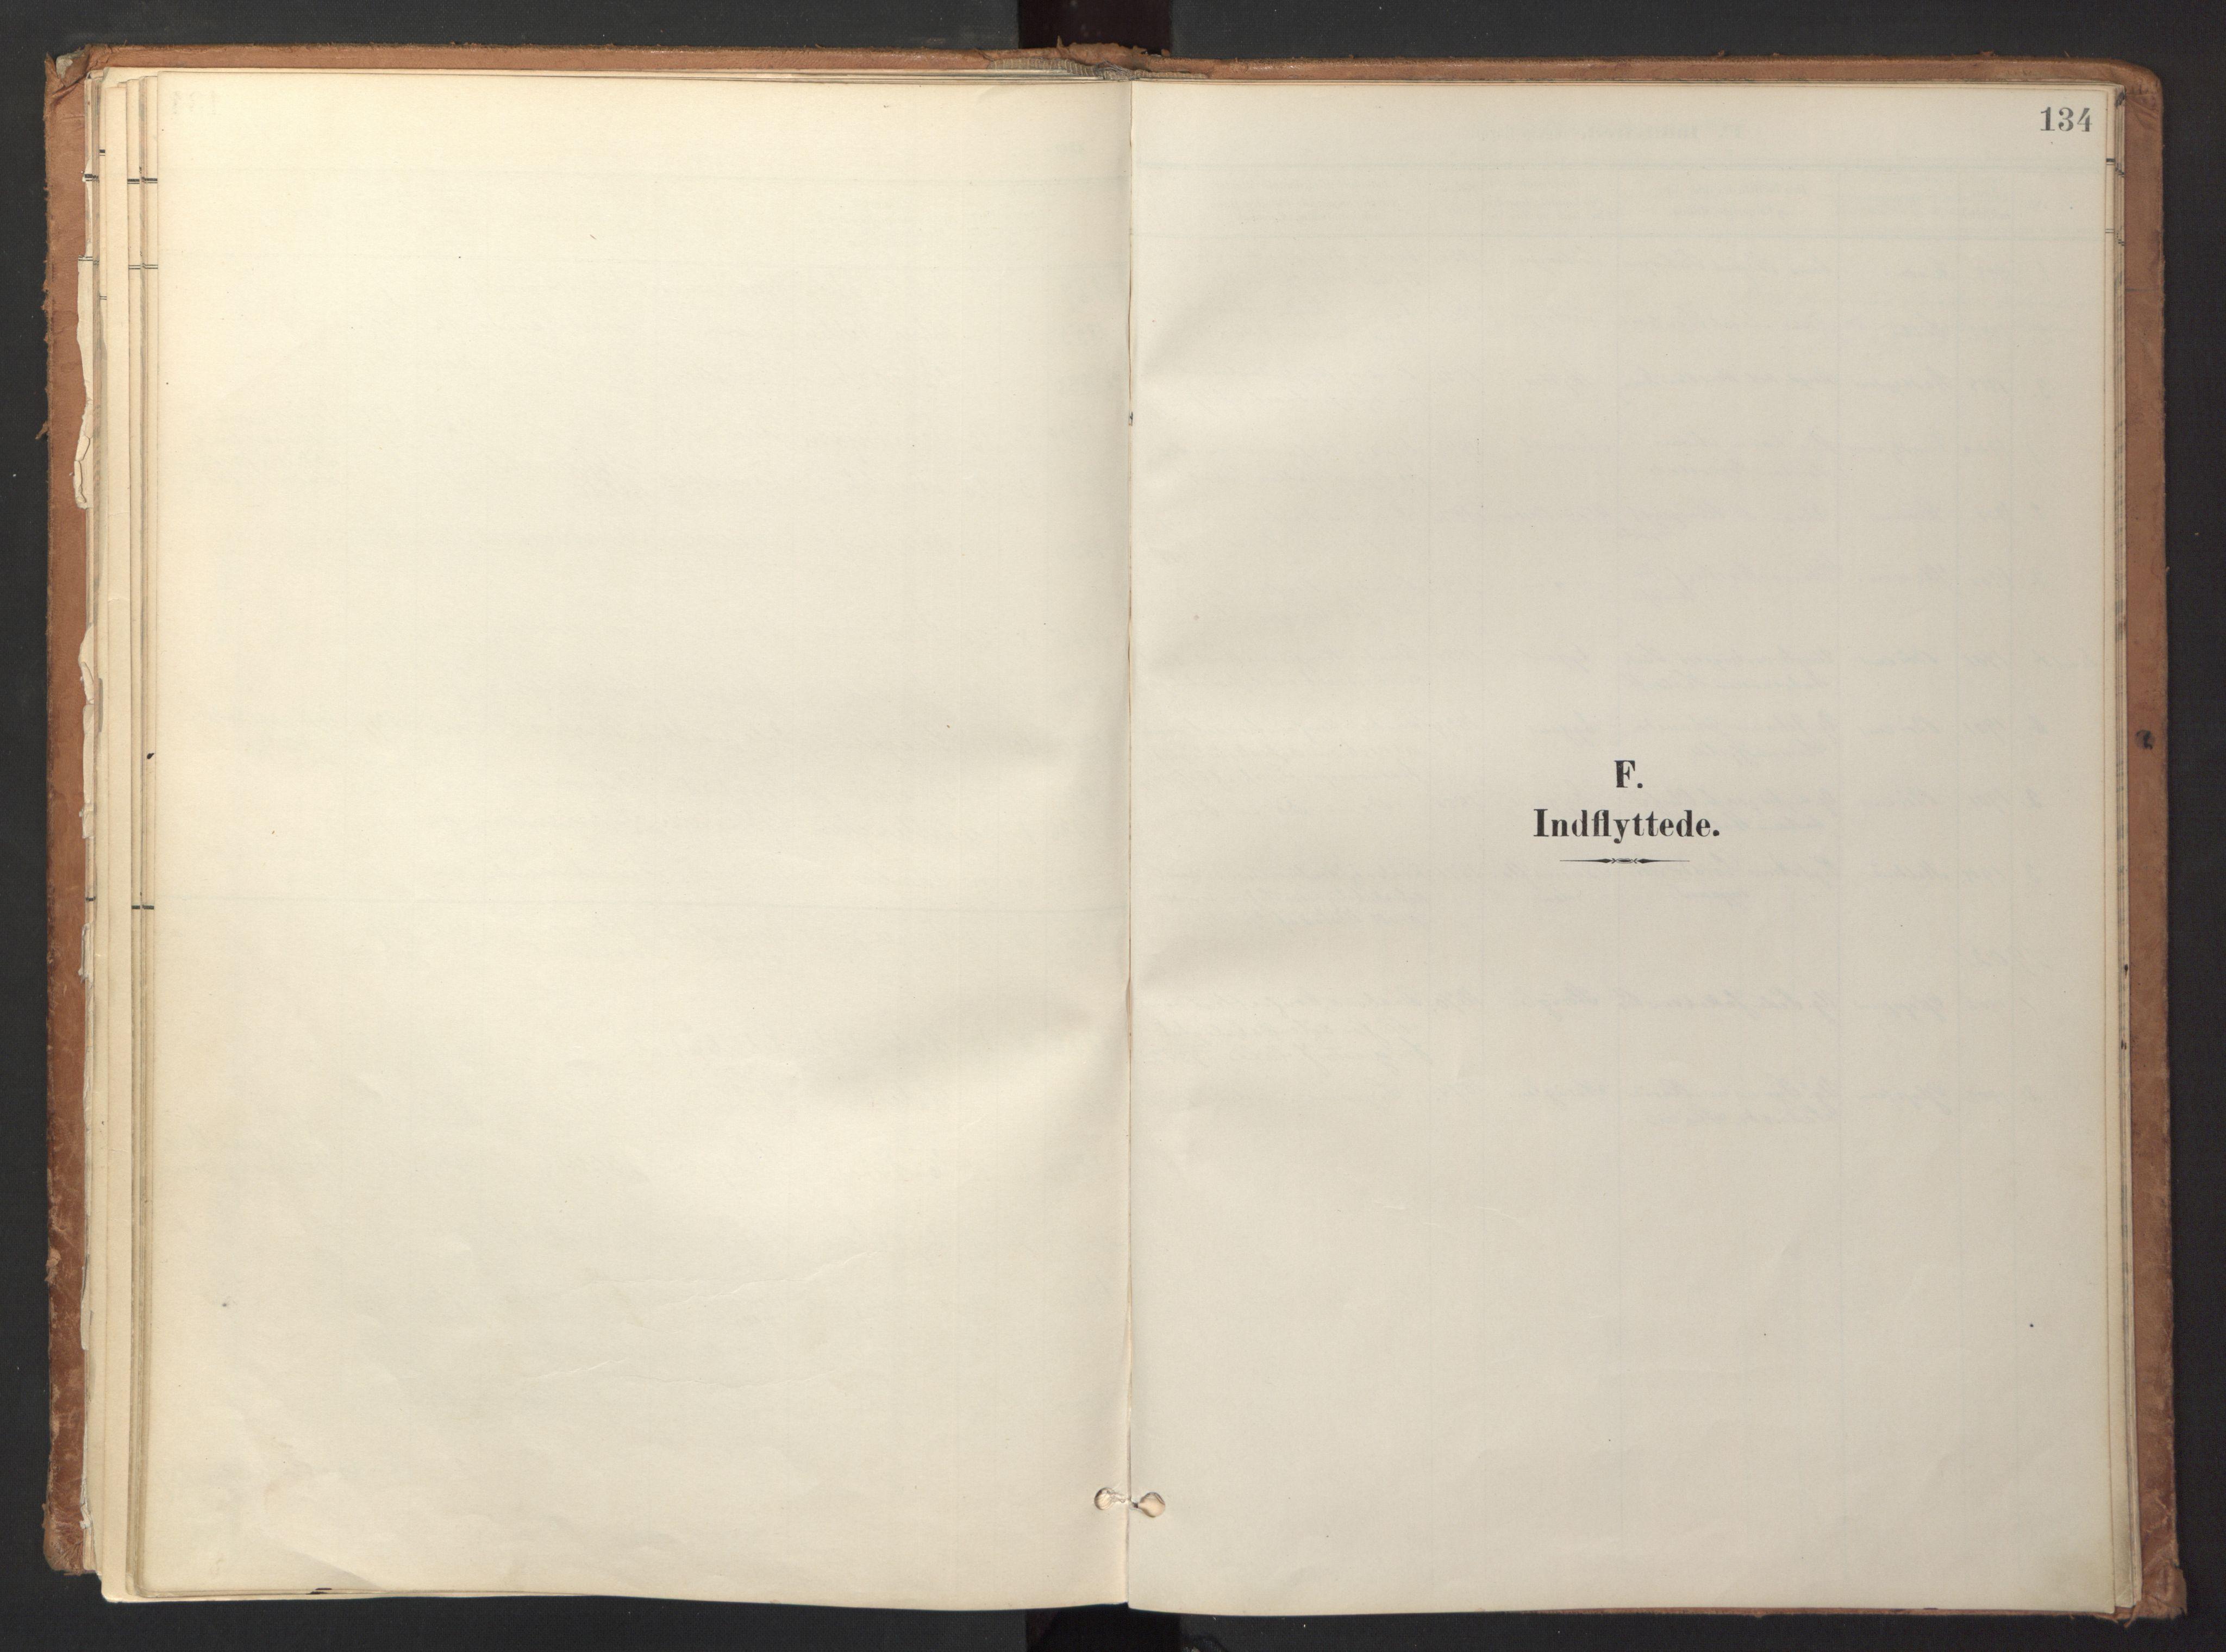 SAT, Ministerialprotokoller, klokkerbøker og fødselsregistre - Sør-Trøndelag, 618/L0448: Ministerialbok nr. 618A11, 1898-1916, s. 134